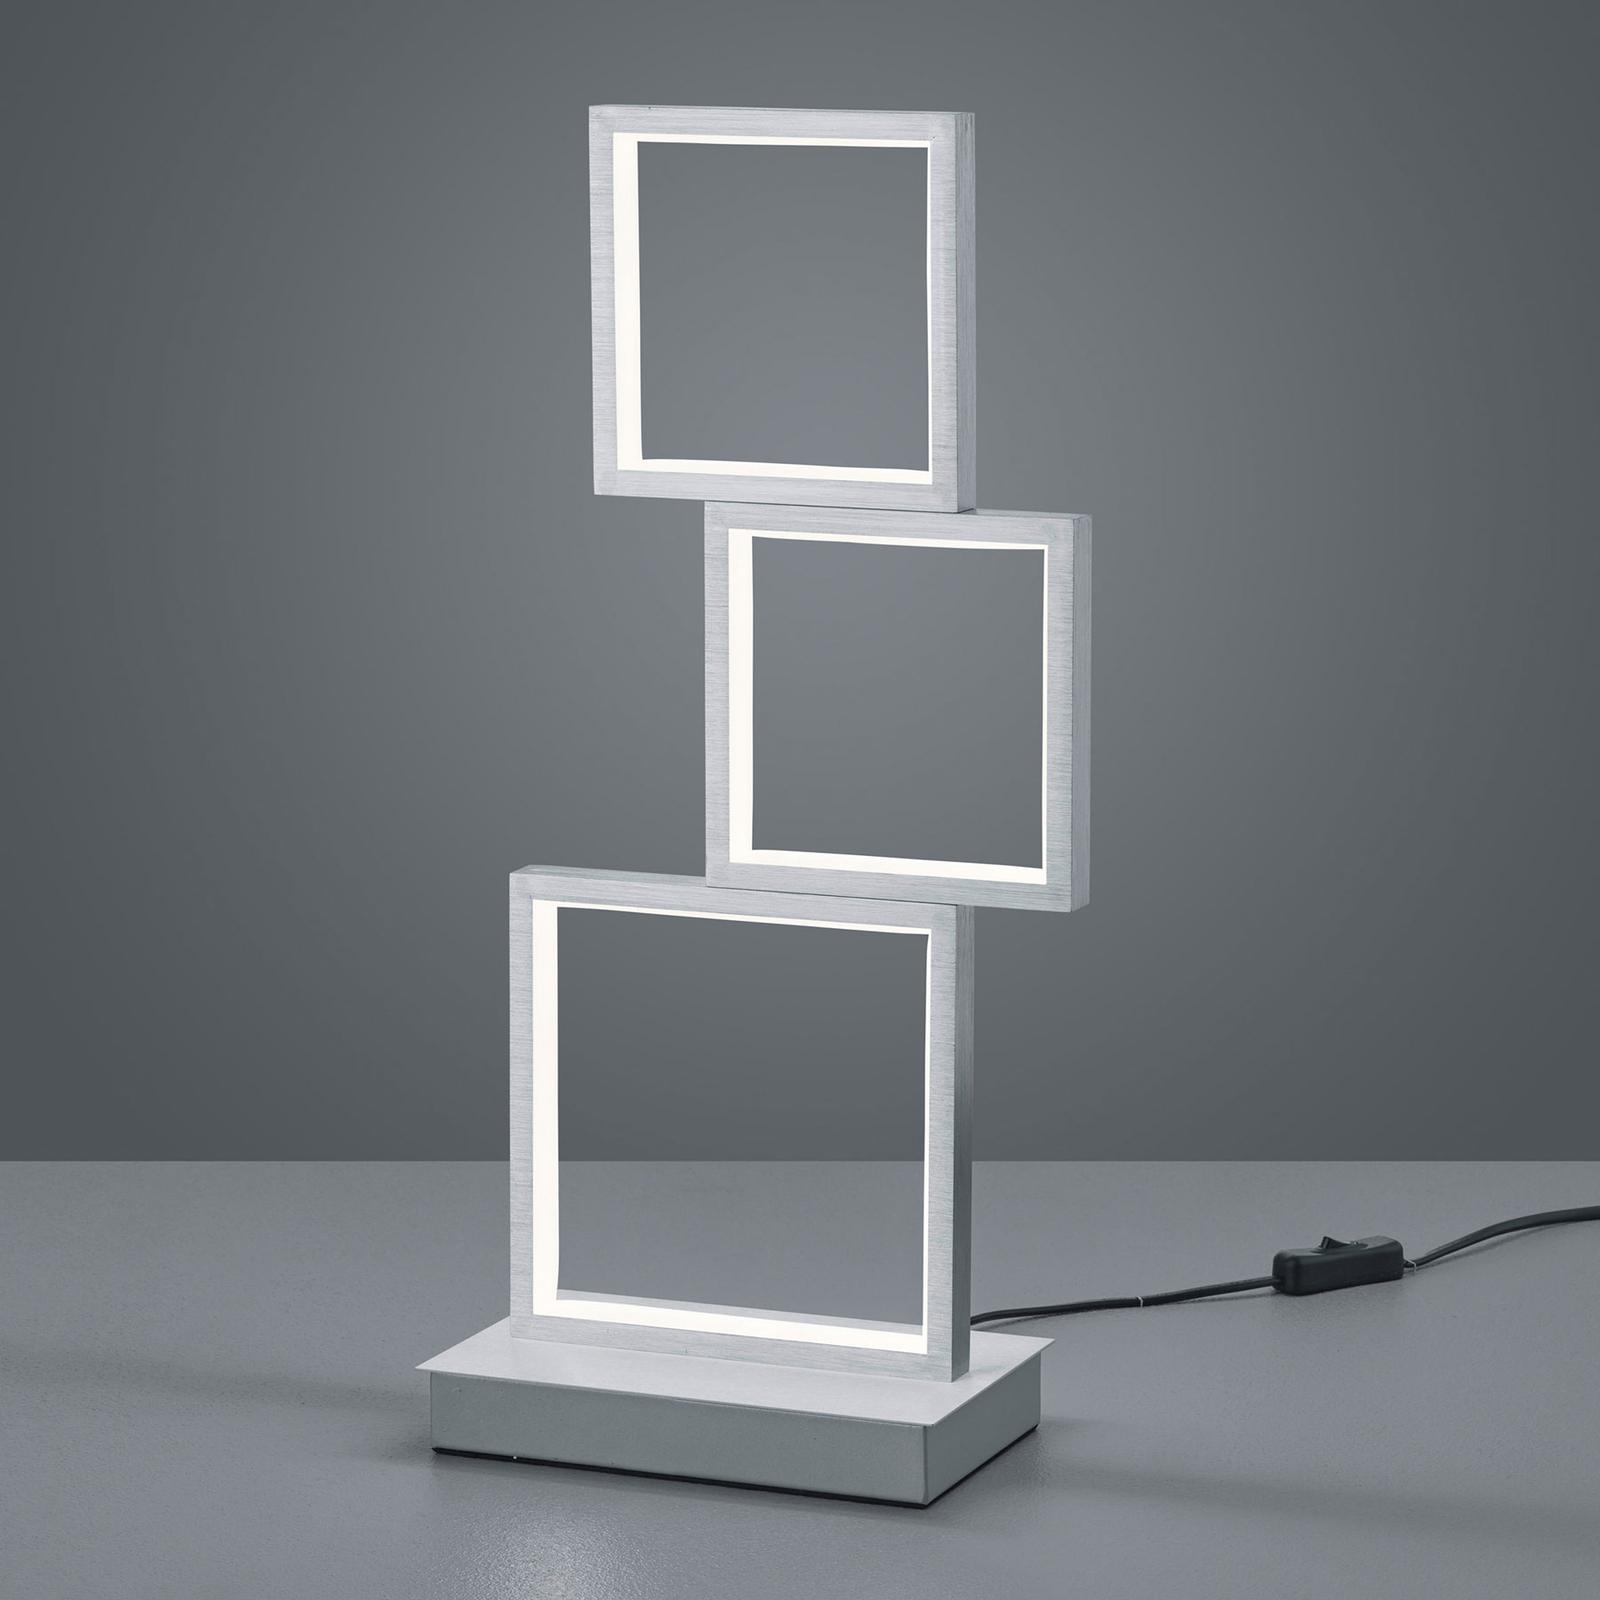 LED-pöytävalaisin Sorrento, harjattu alumiini